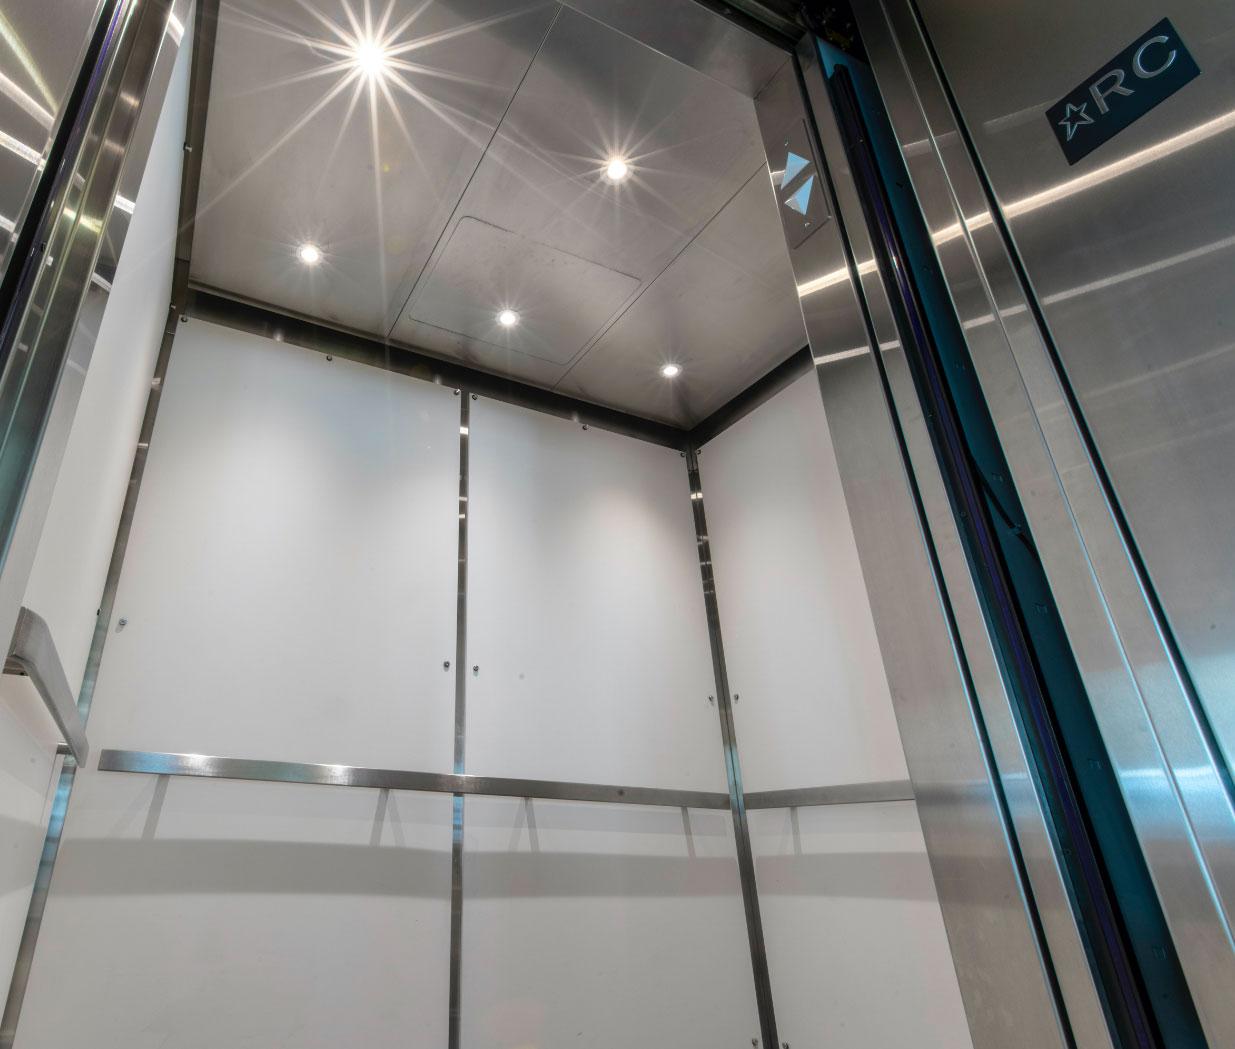 Éclairage DEL | Cabine d'ascenseur | Confort des usagers